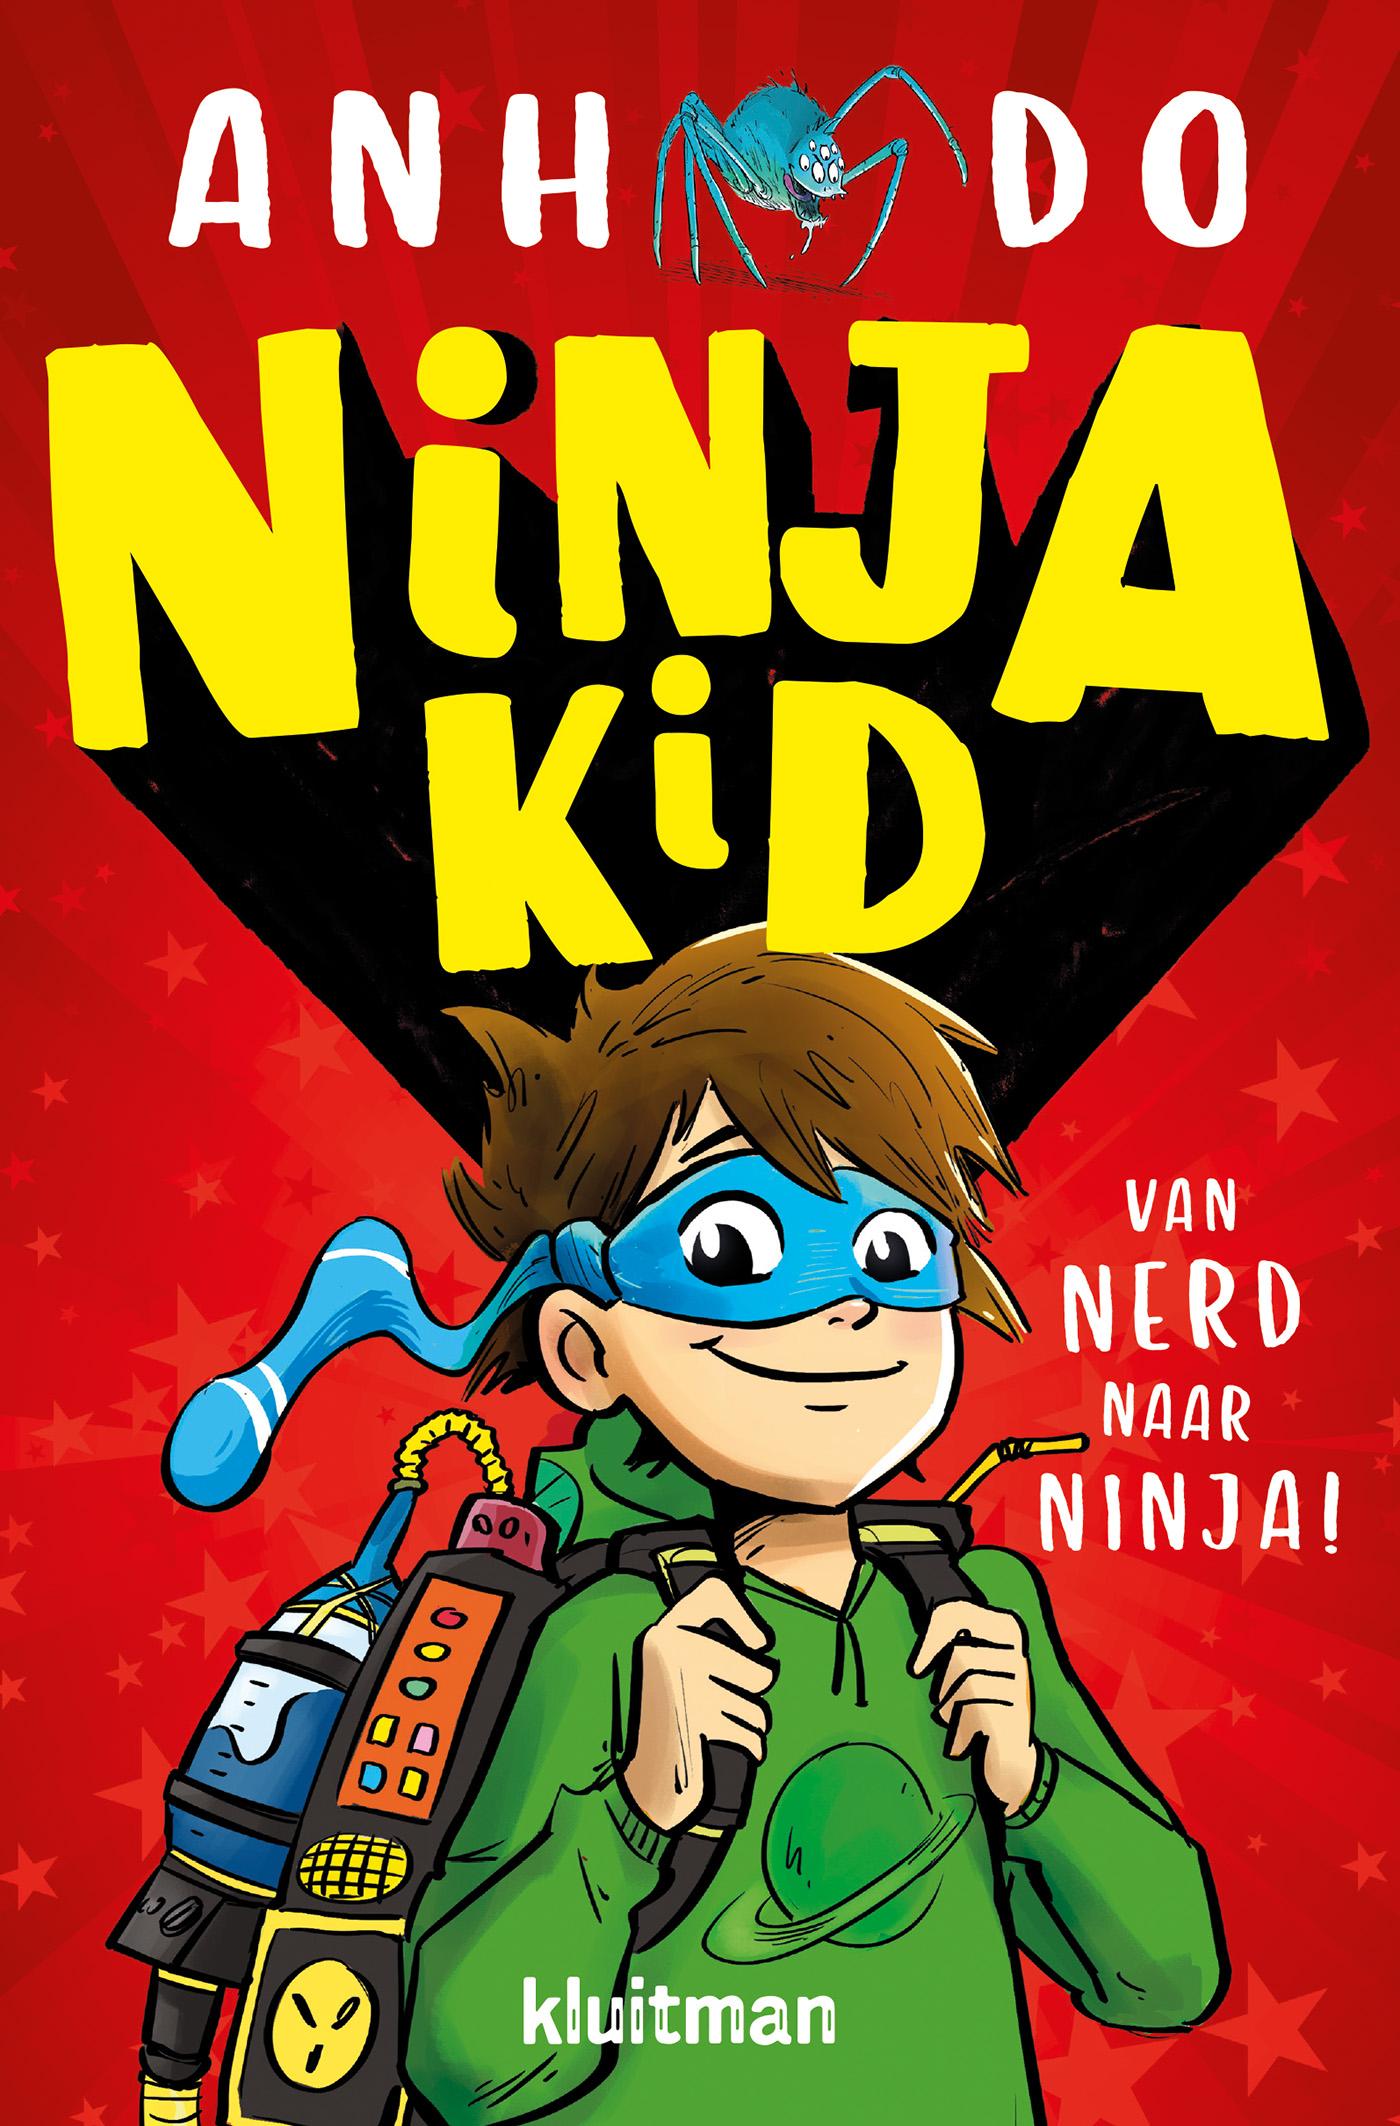 Ninja Kid, van Nerd naar Ninja